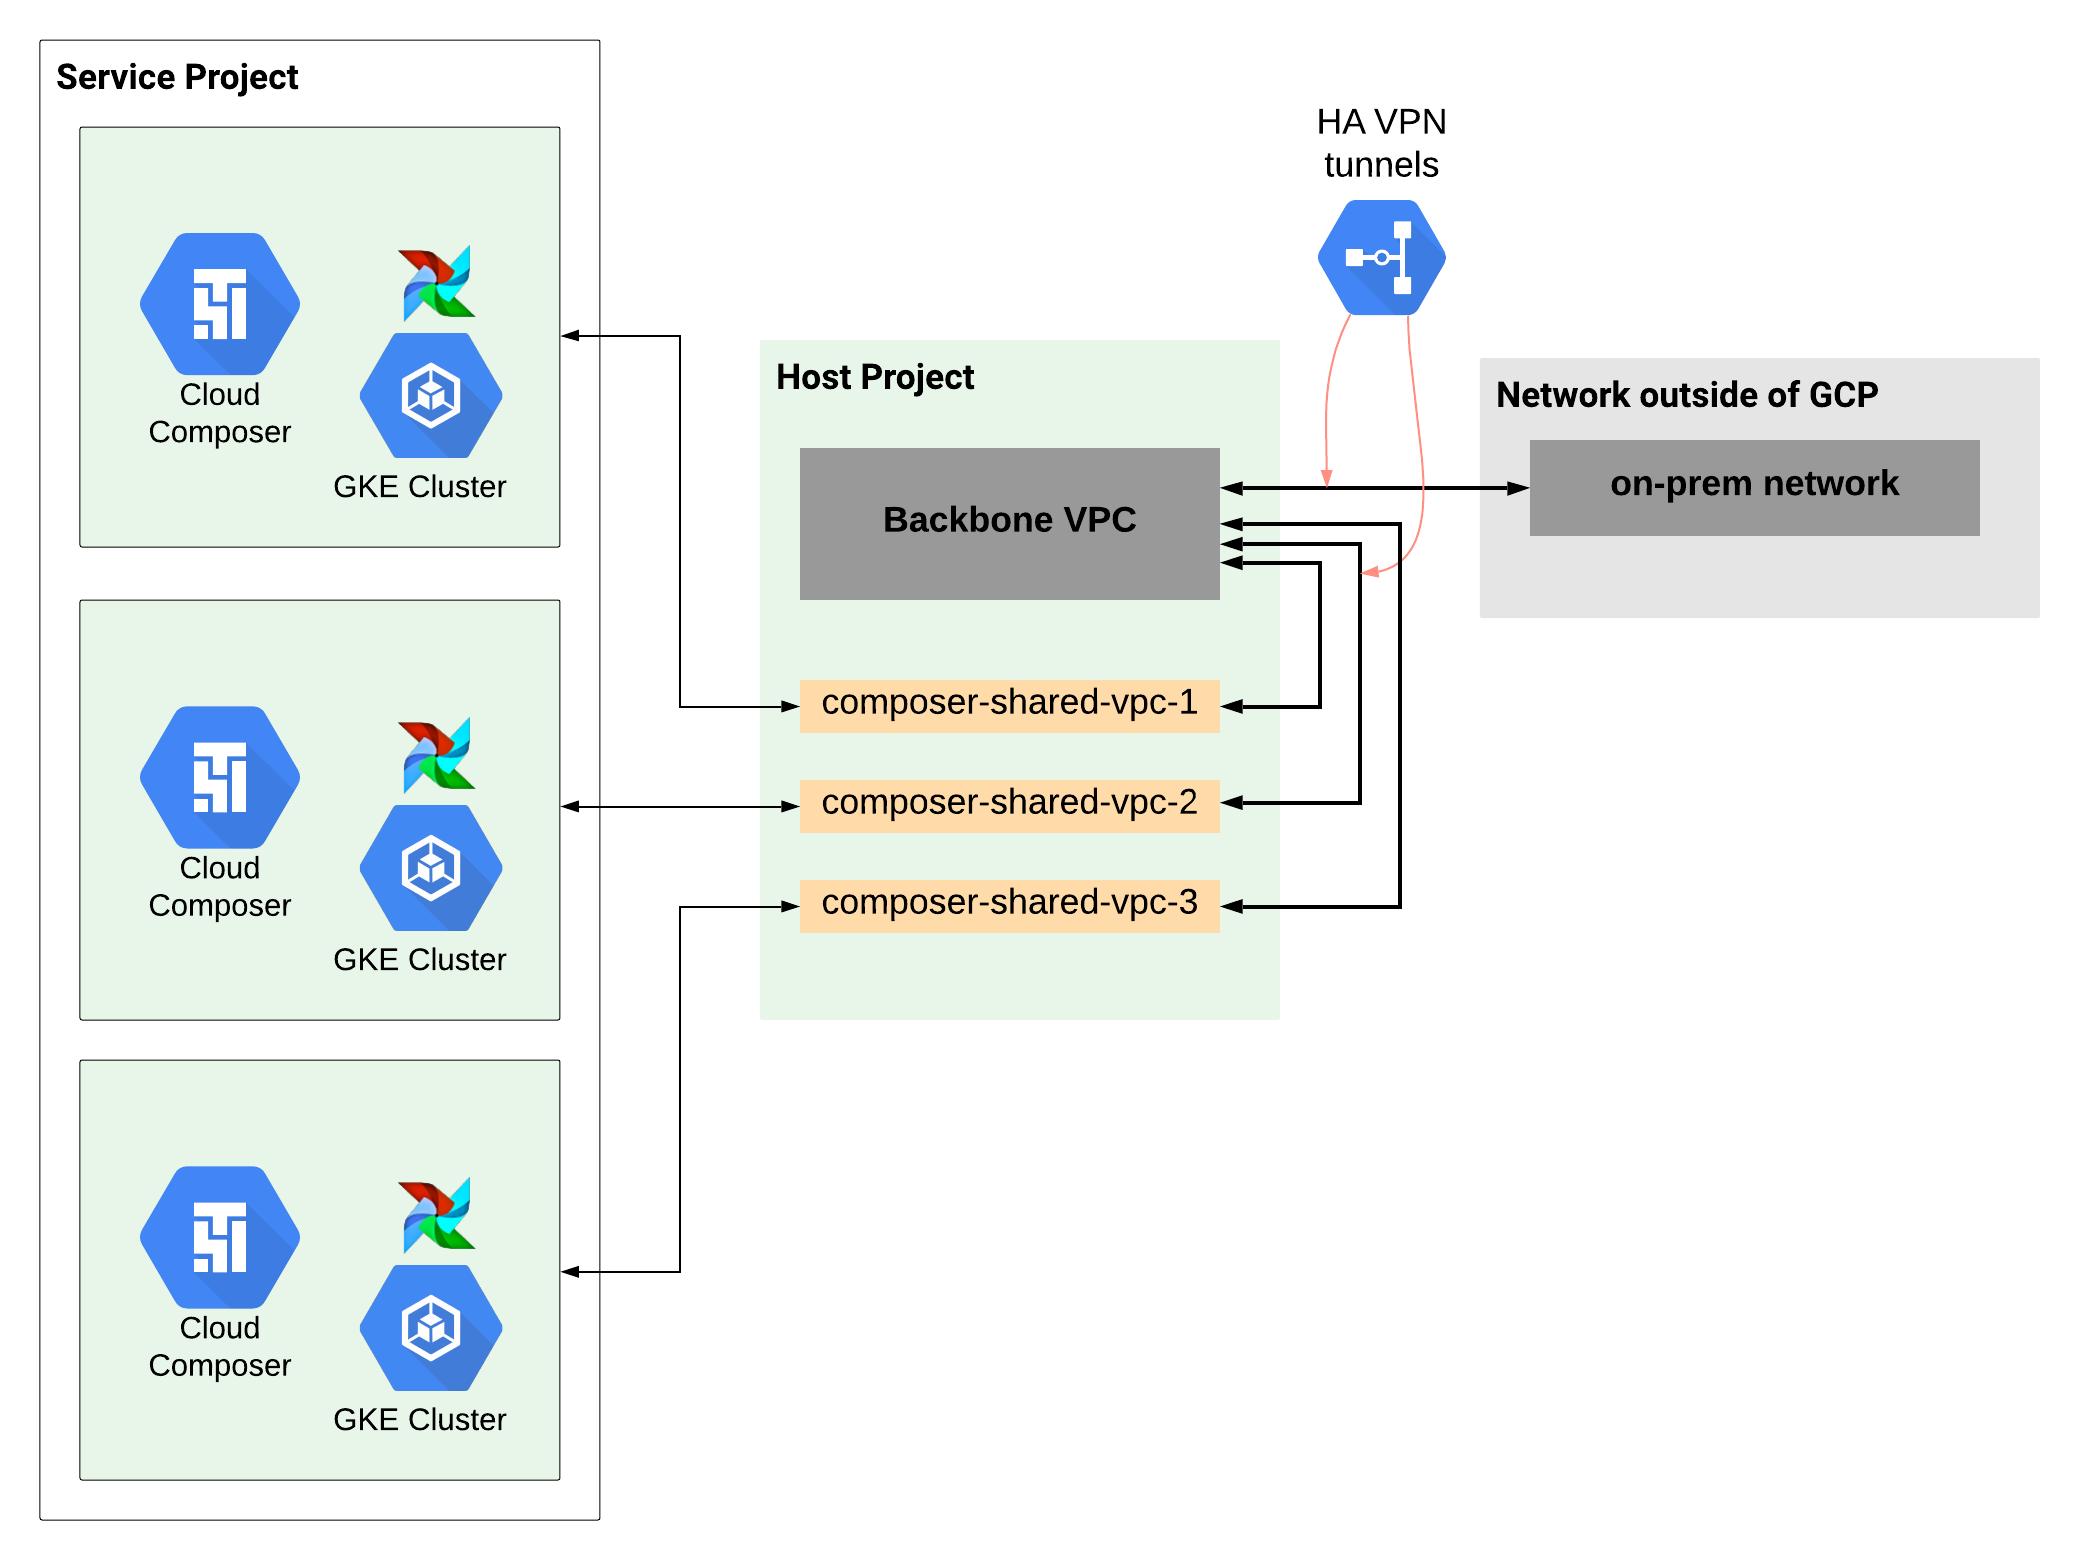 공유 VPC 시나리오에서 대규모 네트워크 설정